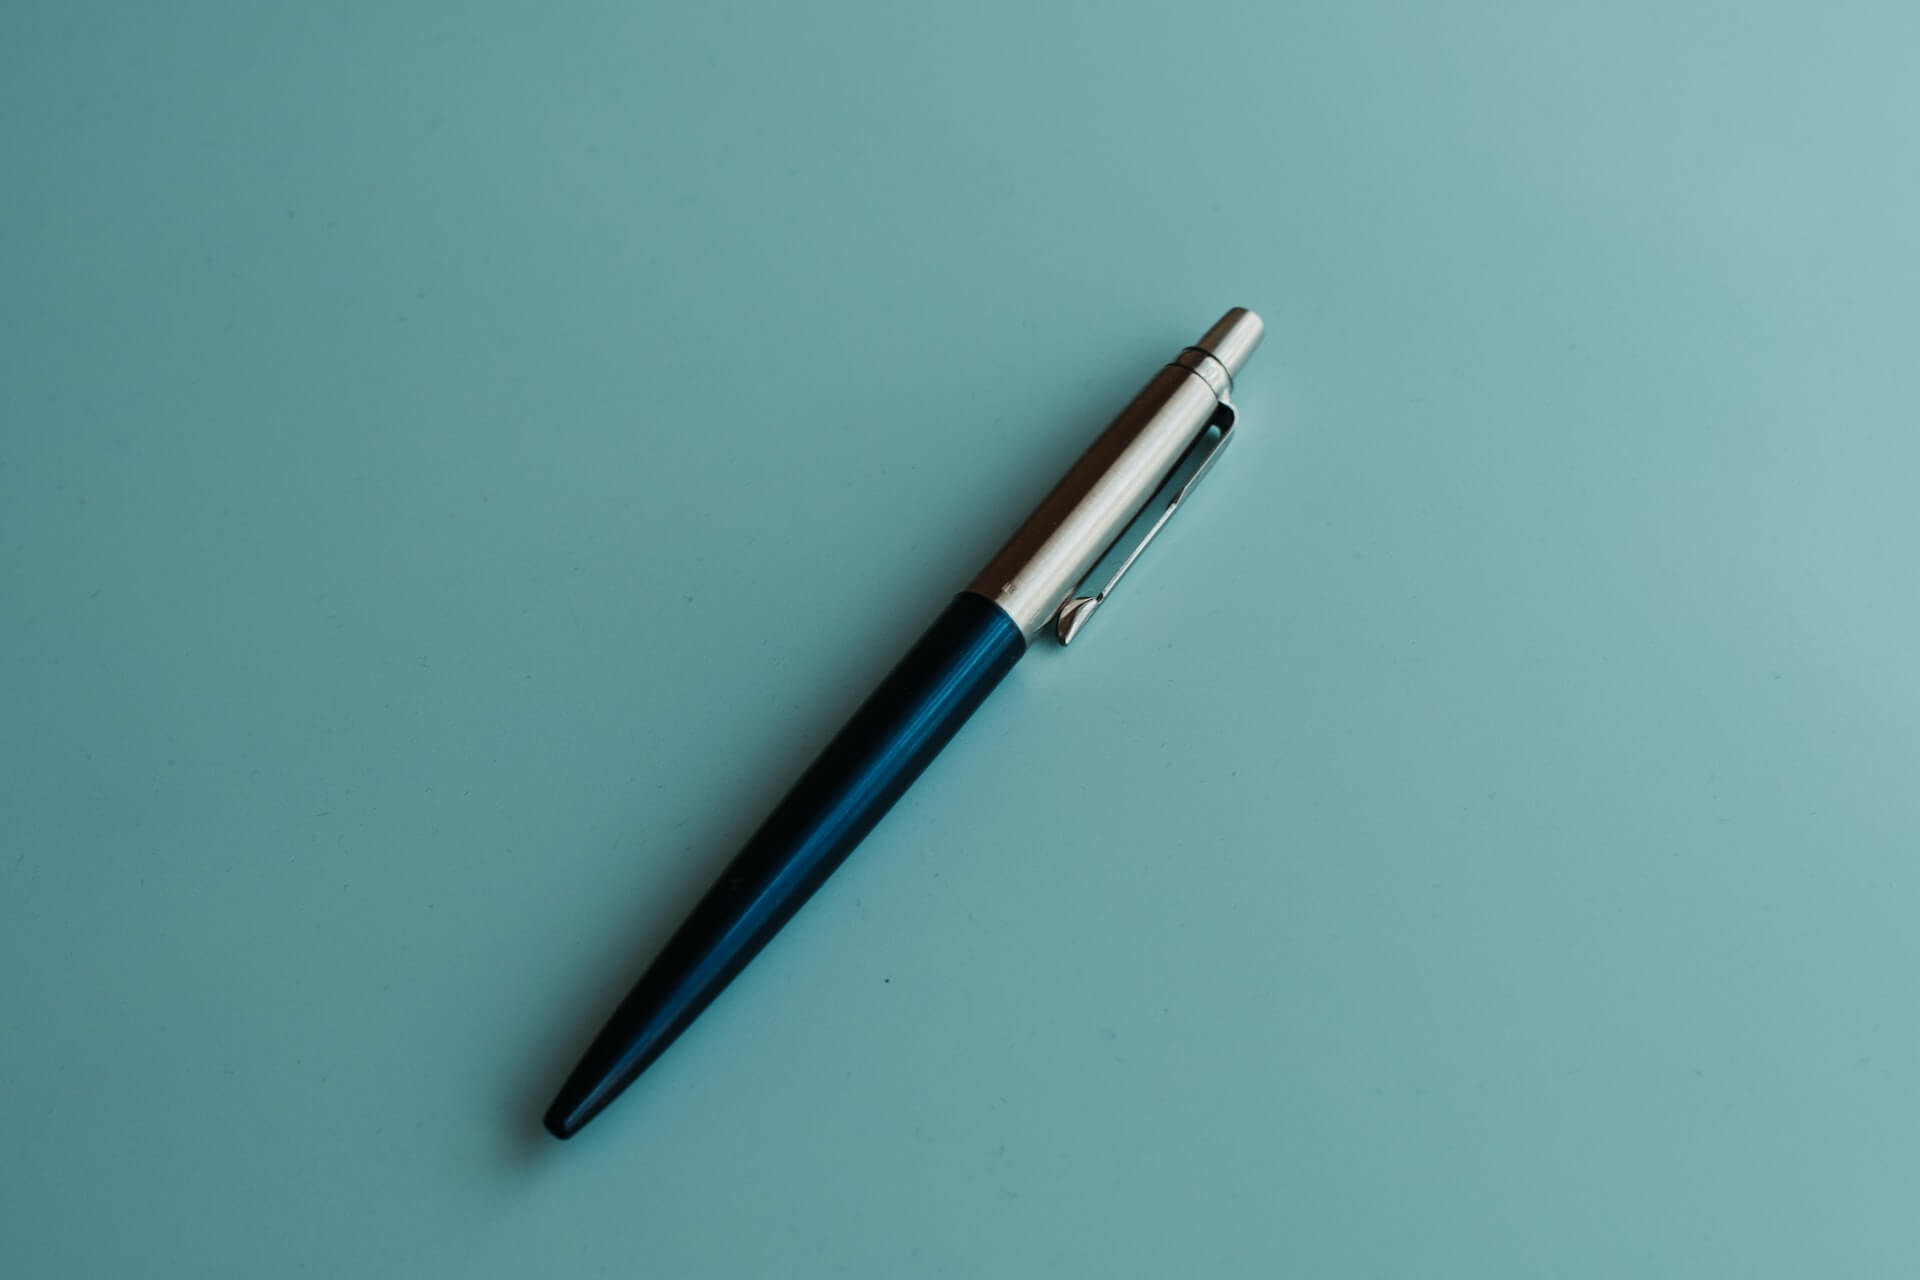 ボールペンのインクが出ないときの対処法は?原因とあわせて解説